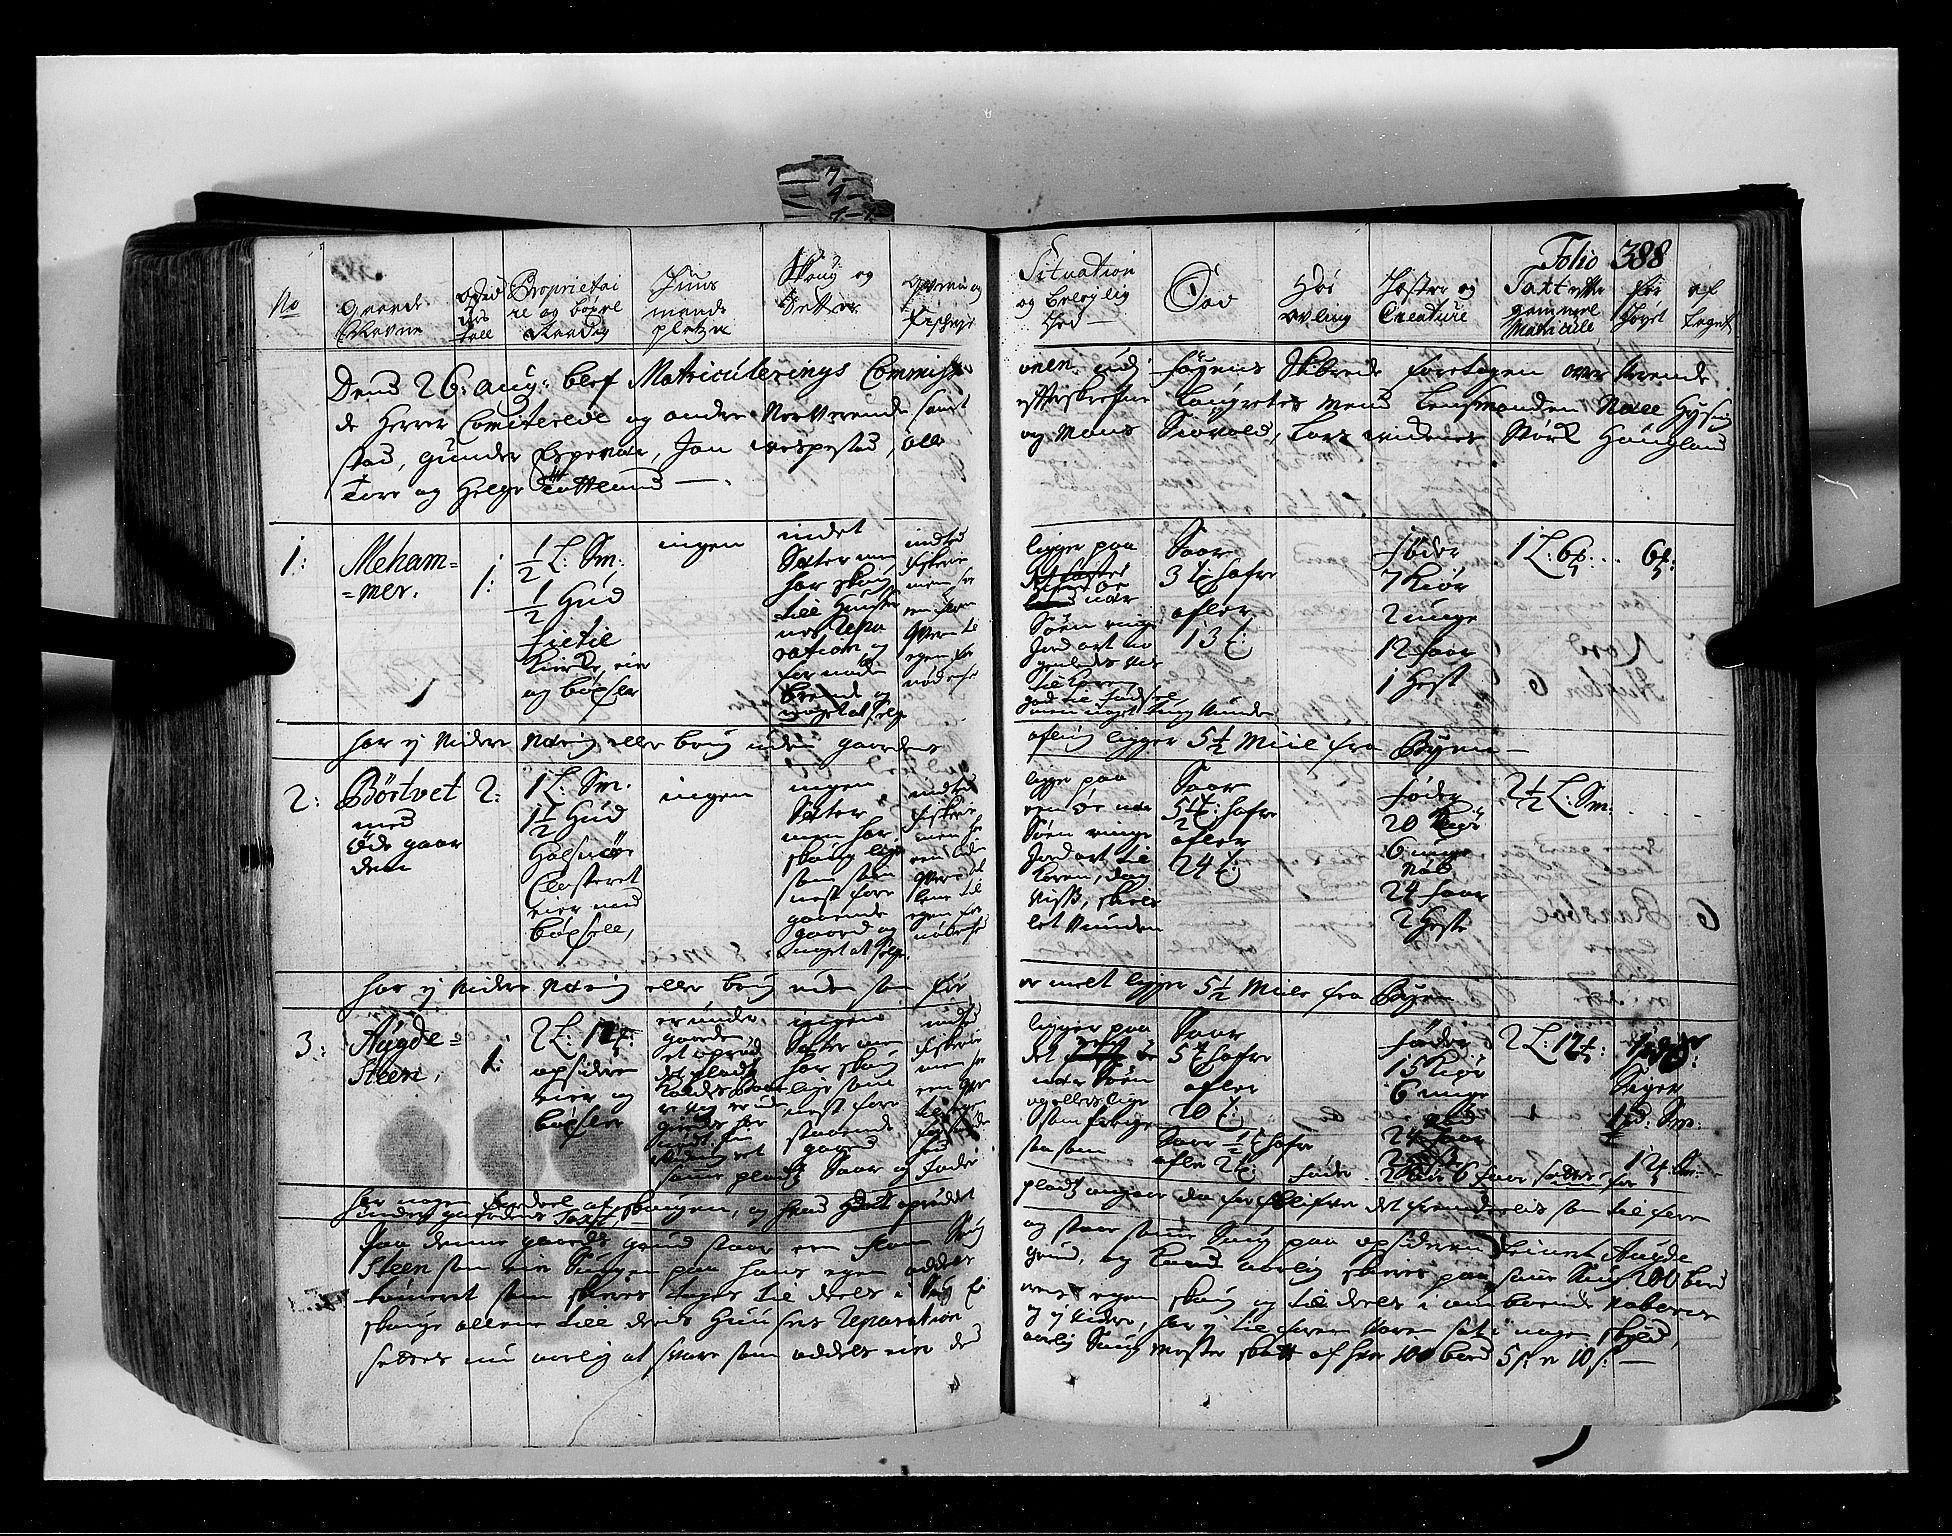 RA, Rentekammeret inntil 1814, Realistisk ordnet avdeling, N/Nb/Nbf/L0134: Sunnhordland eksaminasjonsprotokoll, 1723, s. 387b-388a